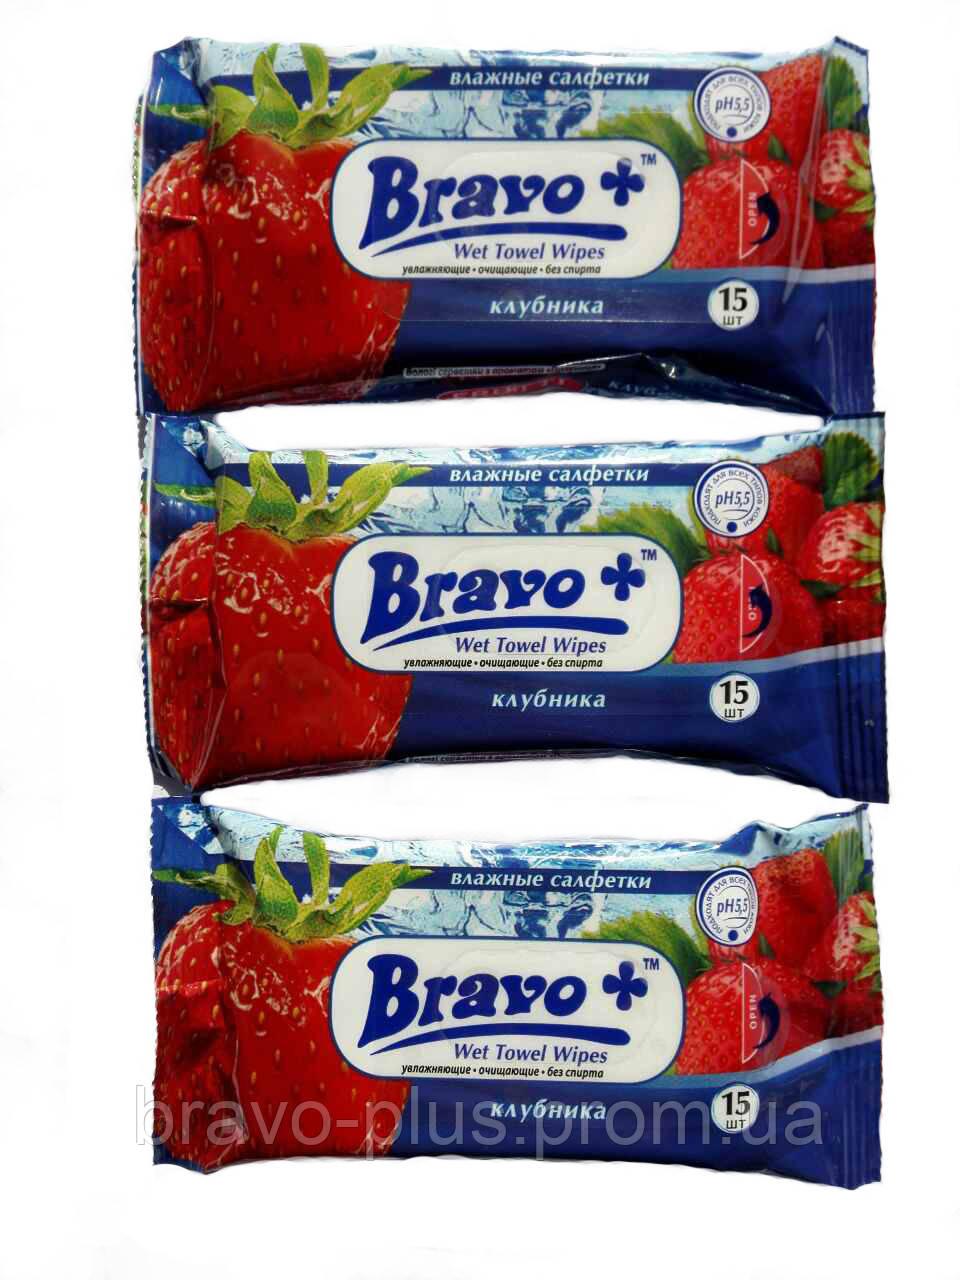 Влажные салфетки Bravo+ клубника 15шт. ( Bravo-plus Браво )